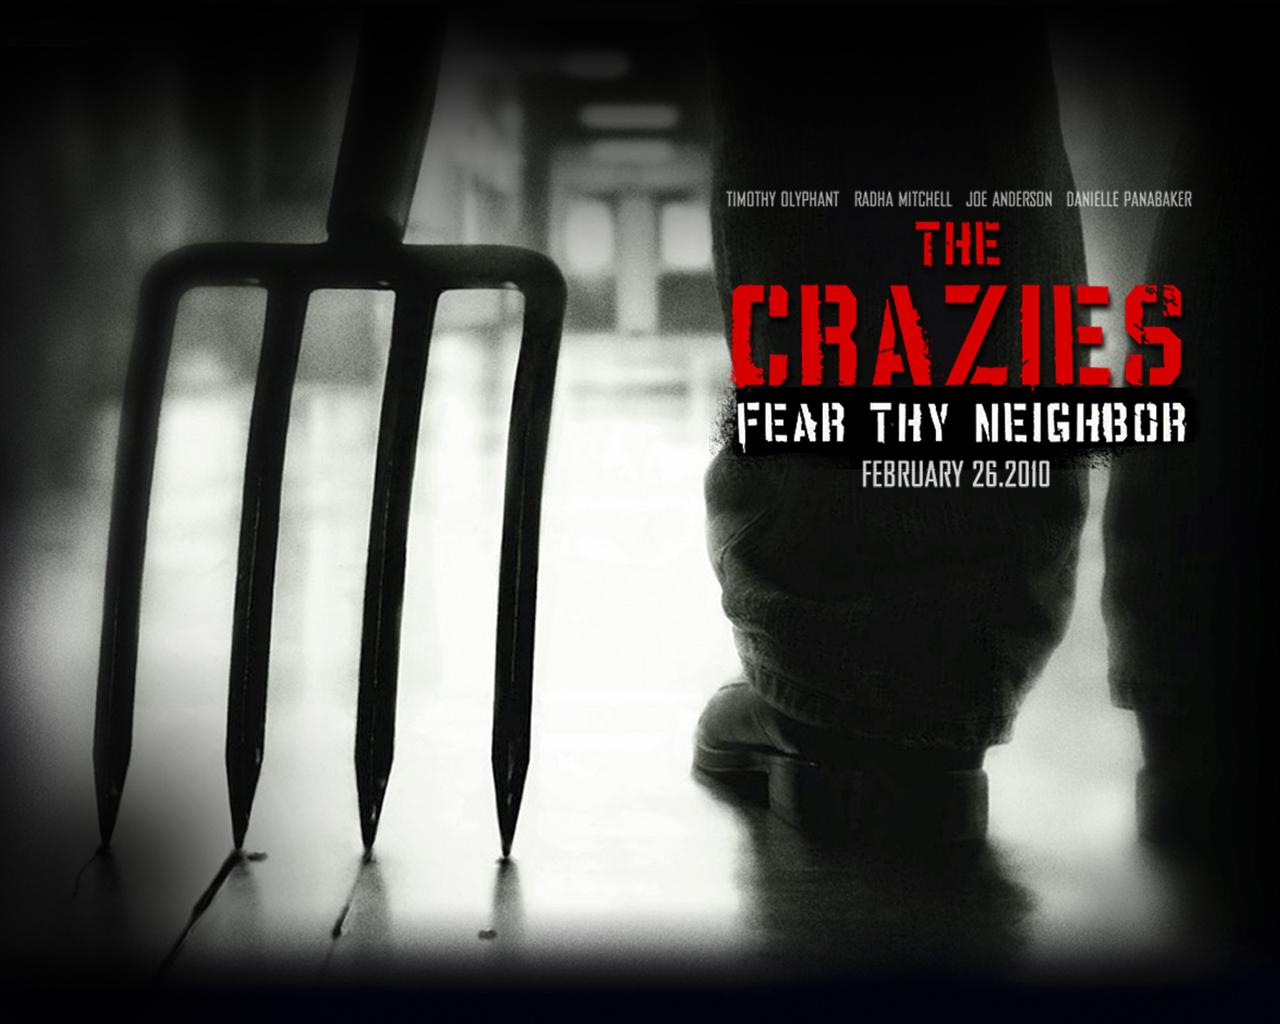 Risultati immagini per the crazies film 2010